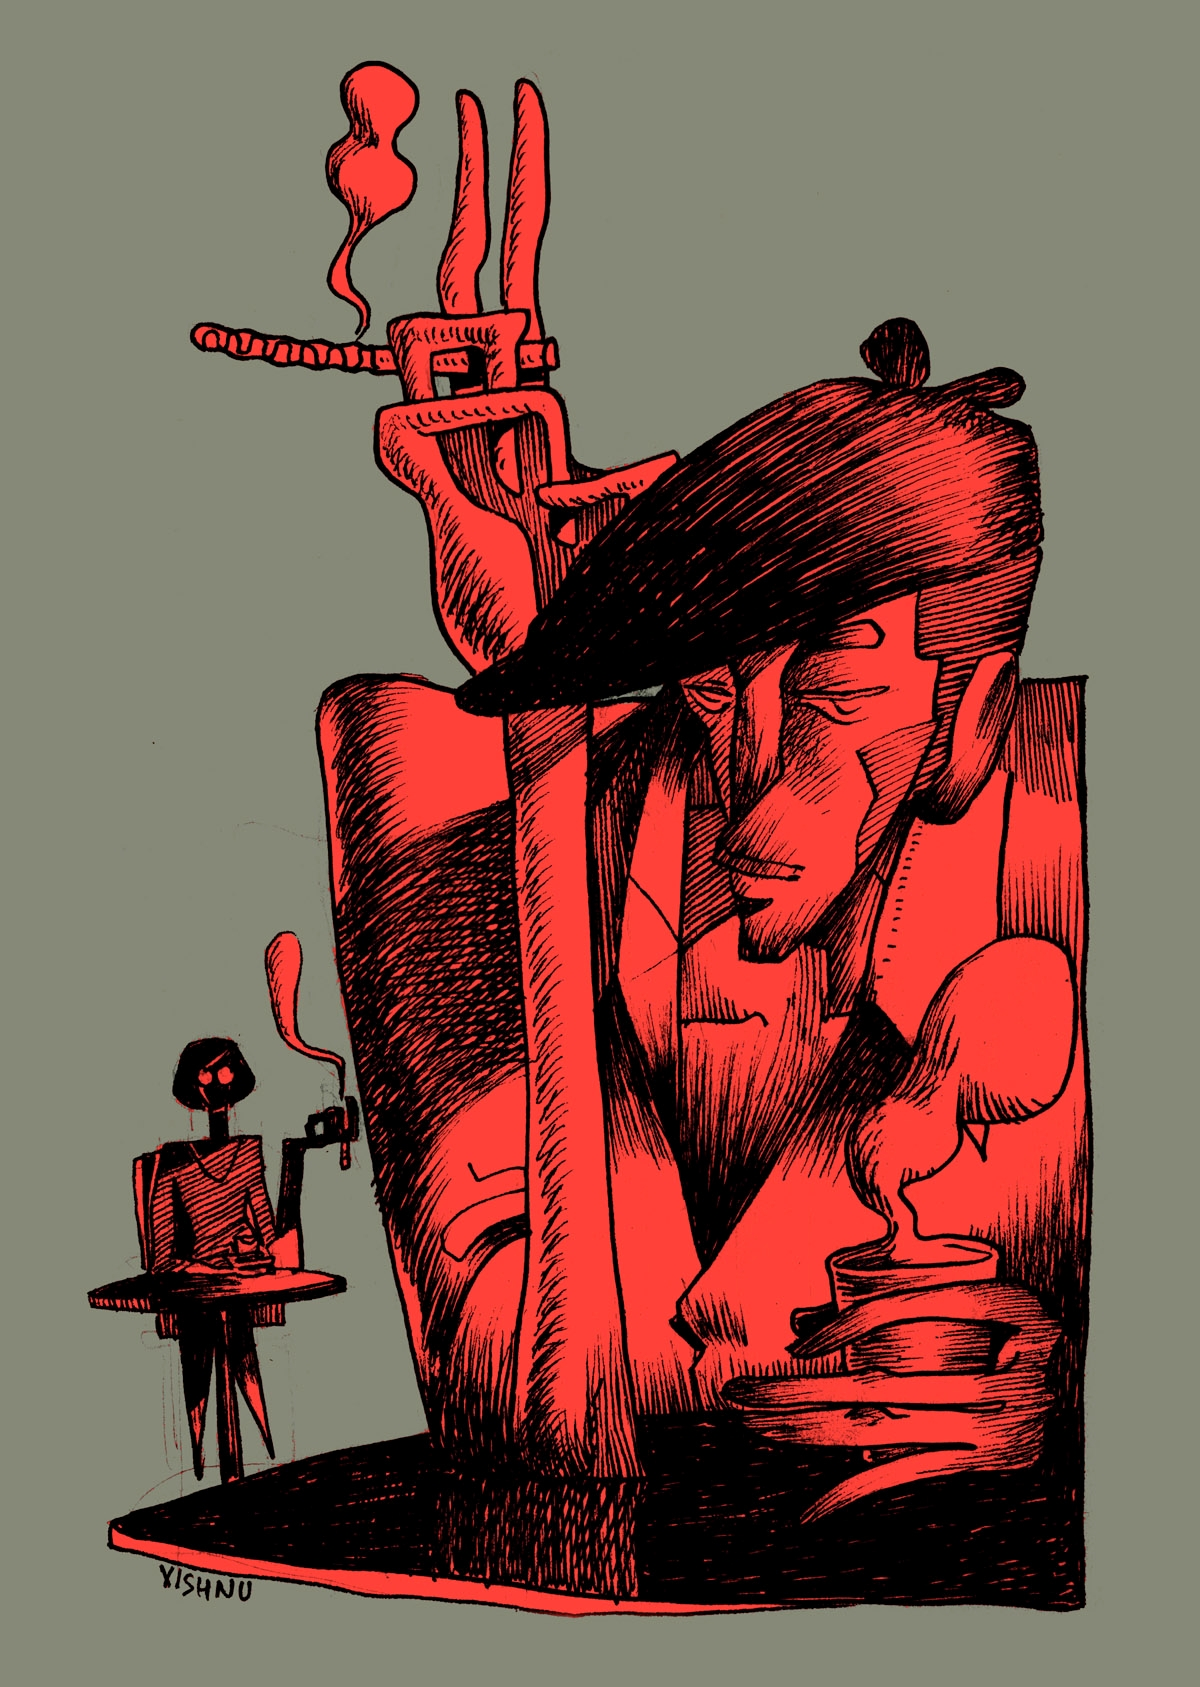 2/ Vishnu Nair 24 year Illustra - xishnu   ello